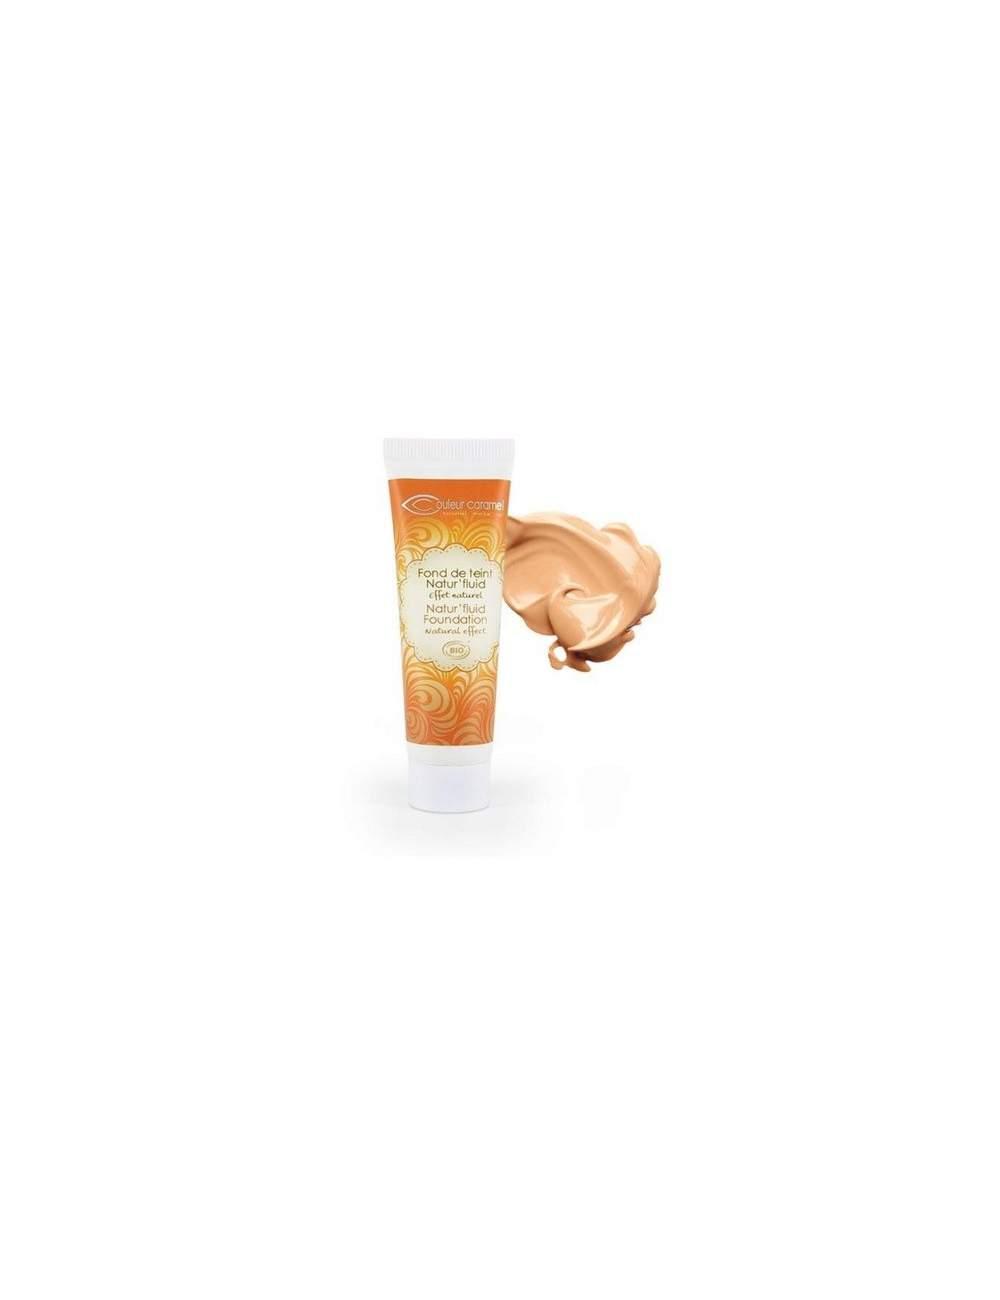 Fond de Teint Fluide Bio Natur' Fluid 03 Apricot Beige. Couleur Caramel